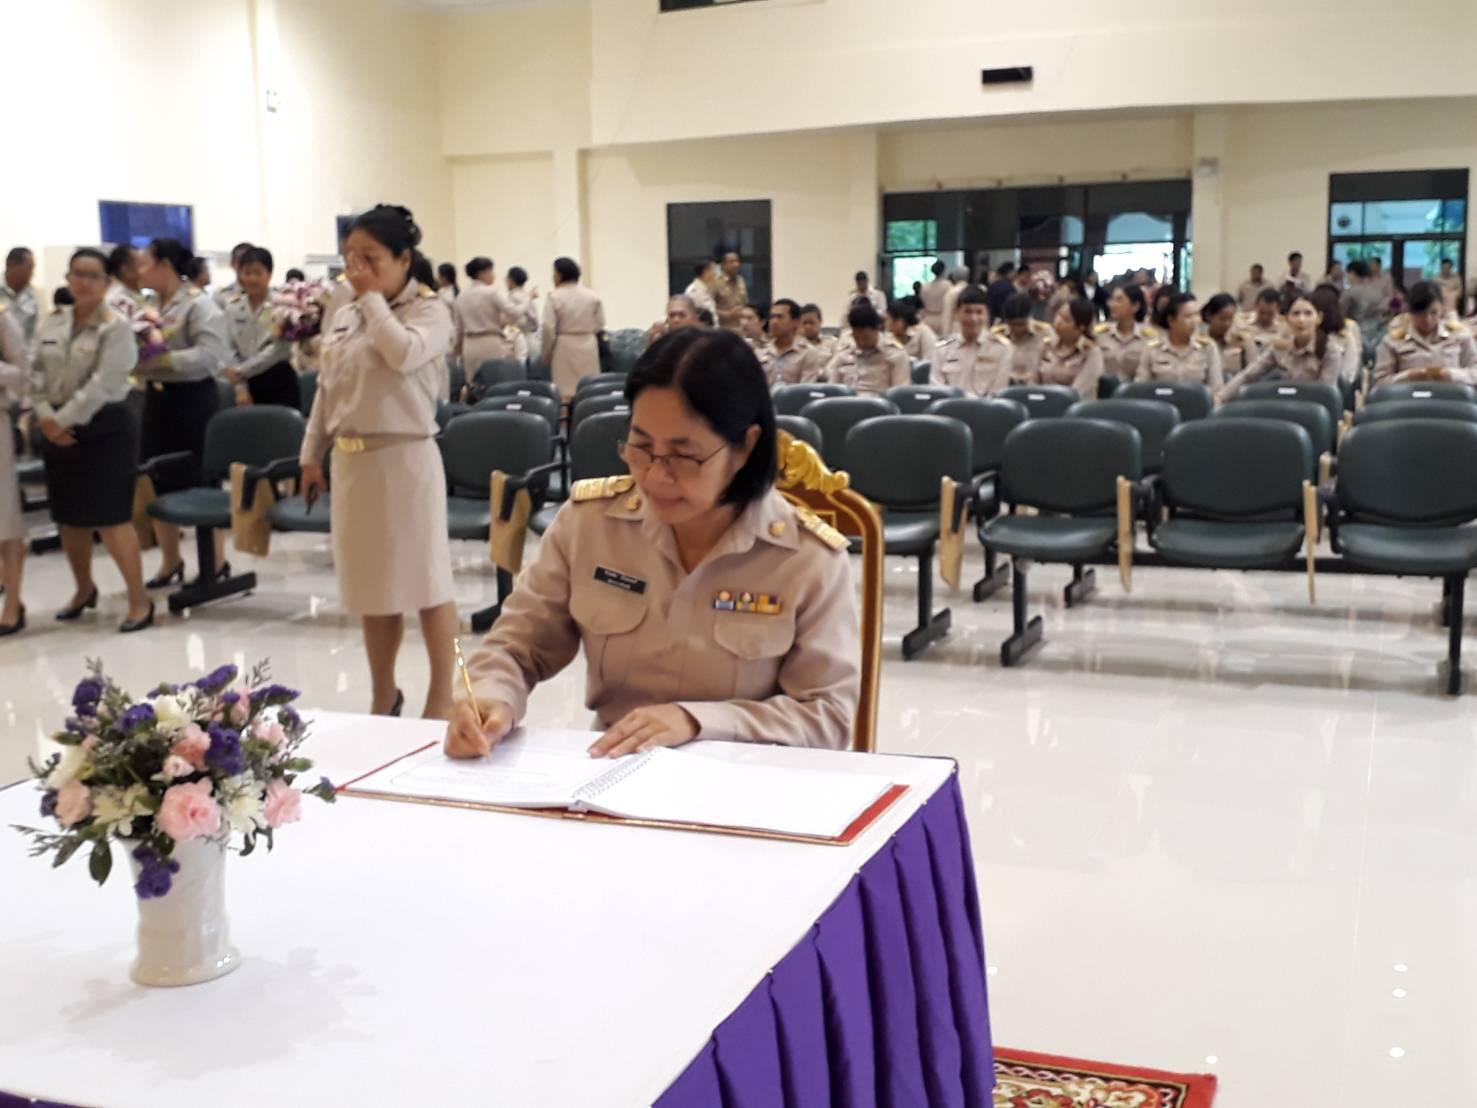 กิจกรรมเนื่องในวันคล้ายวันพระราชสมภพองค์ประธานมูลนิธิสายใจไทย